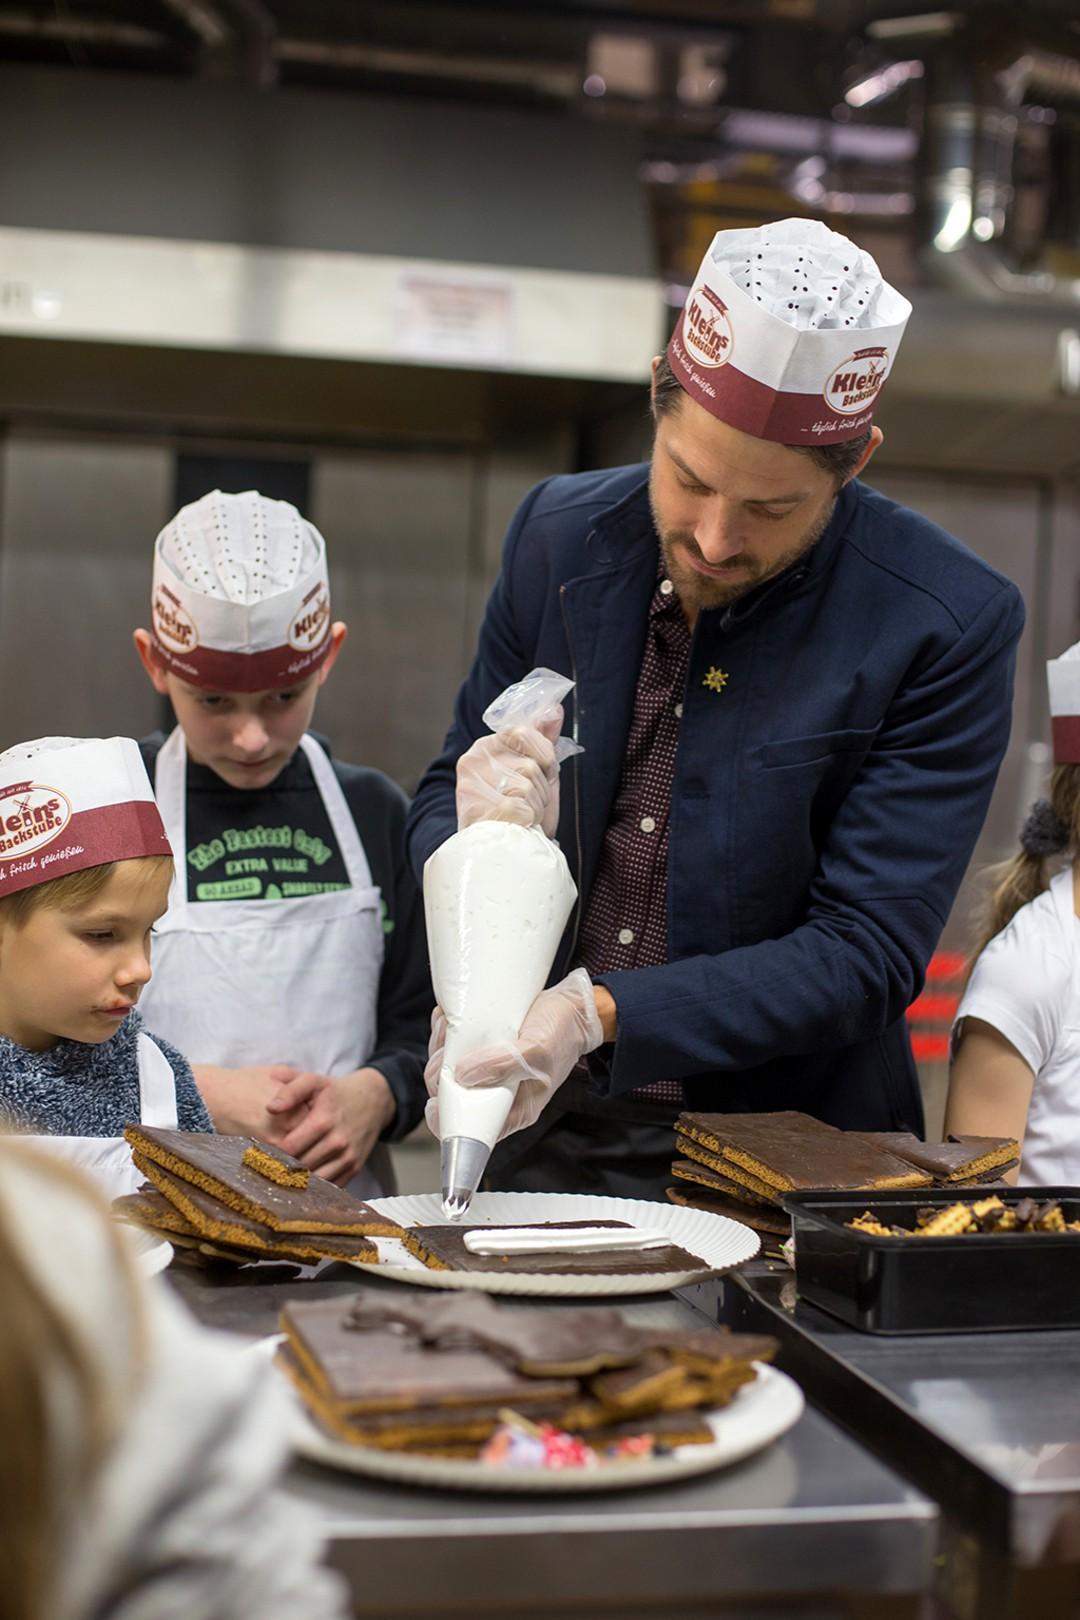 RTL-Serien-Stars: Weihnachts-Aktion für Kinder - Bild 2 von 7